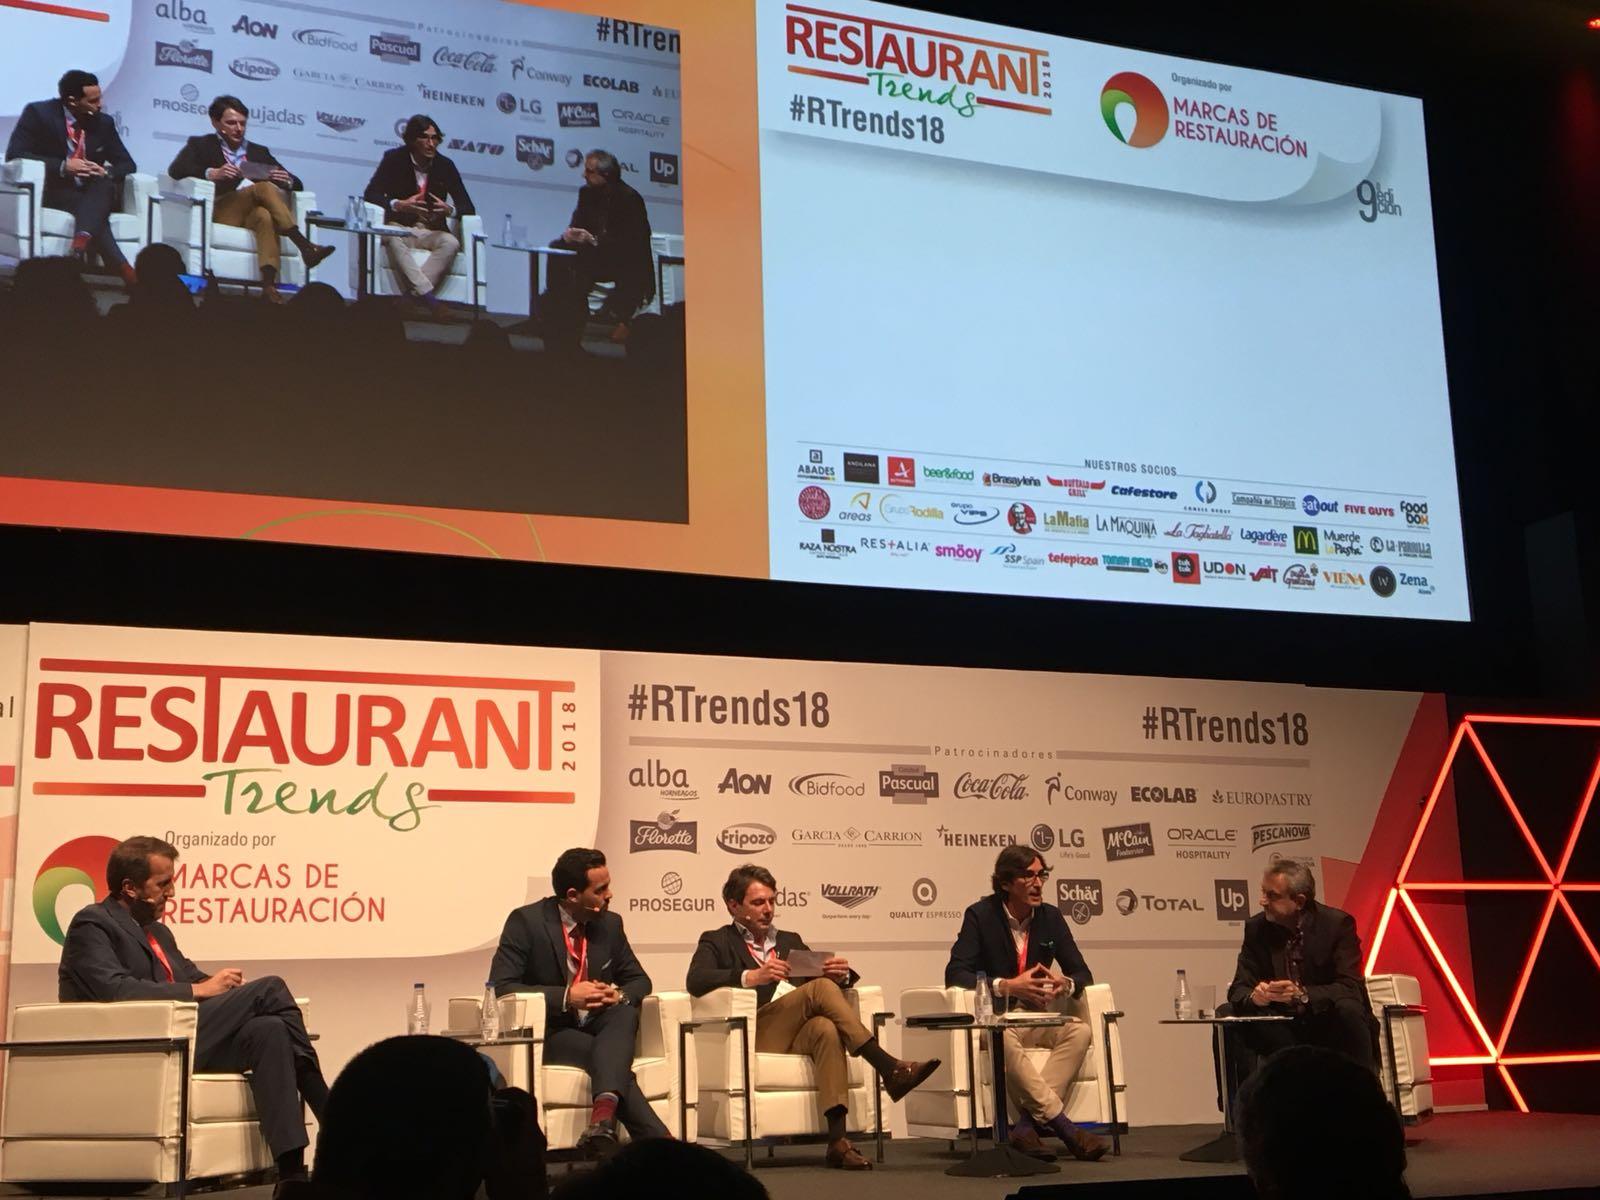 IMG 20180221 WA0003 - La Mafia se sienta a la mesa visita el Hospitality Innovation Planet